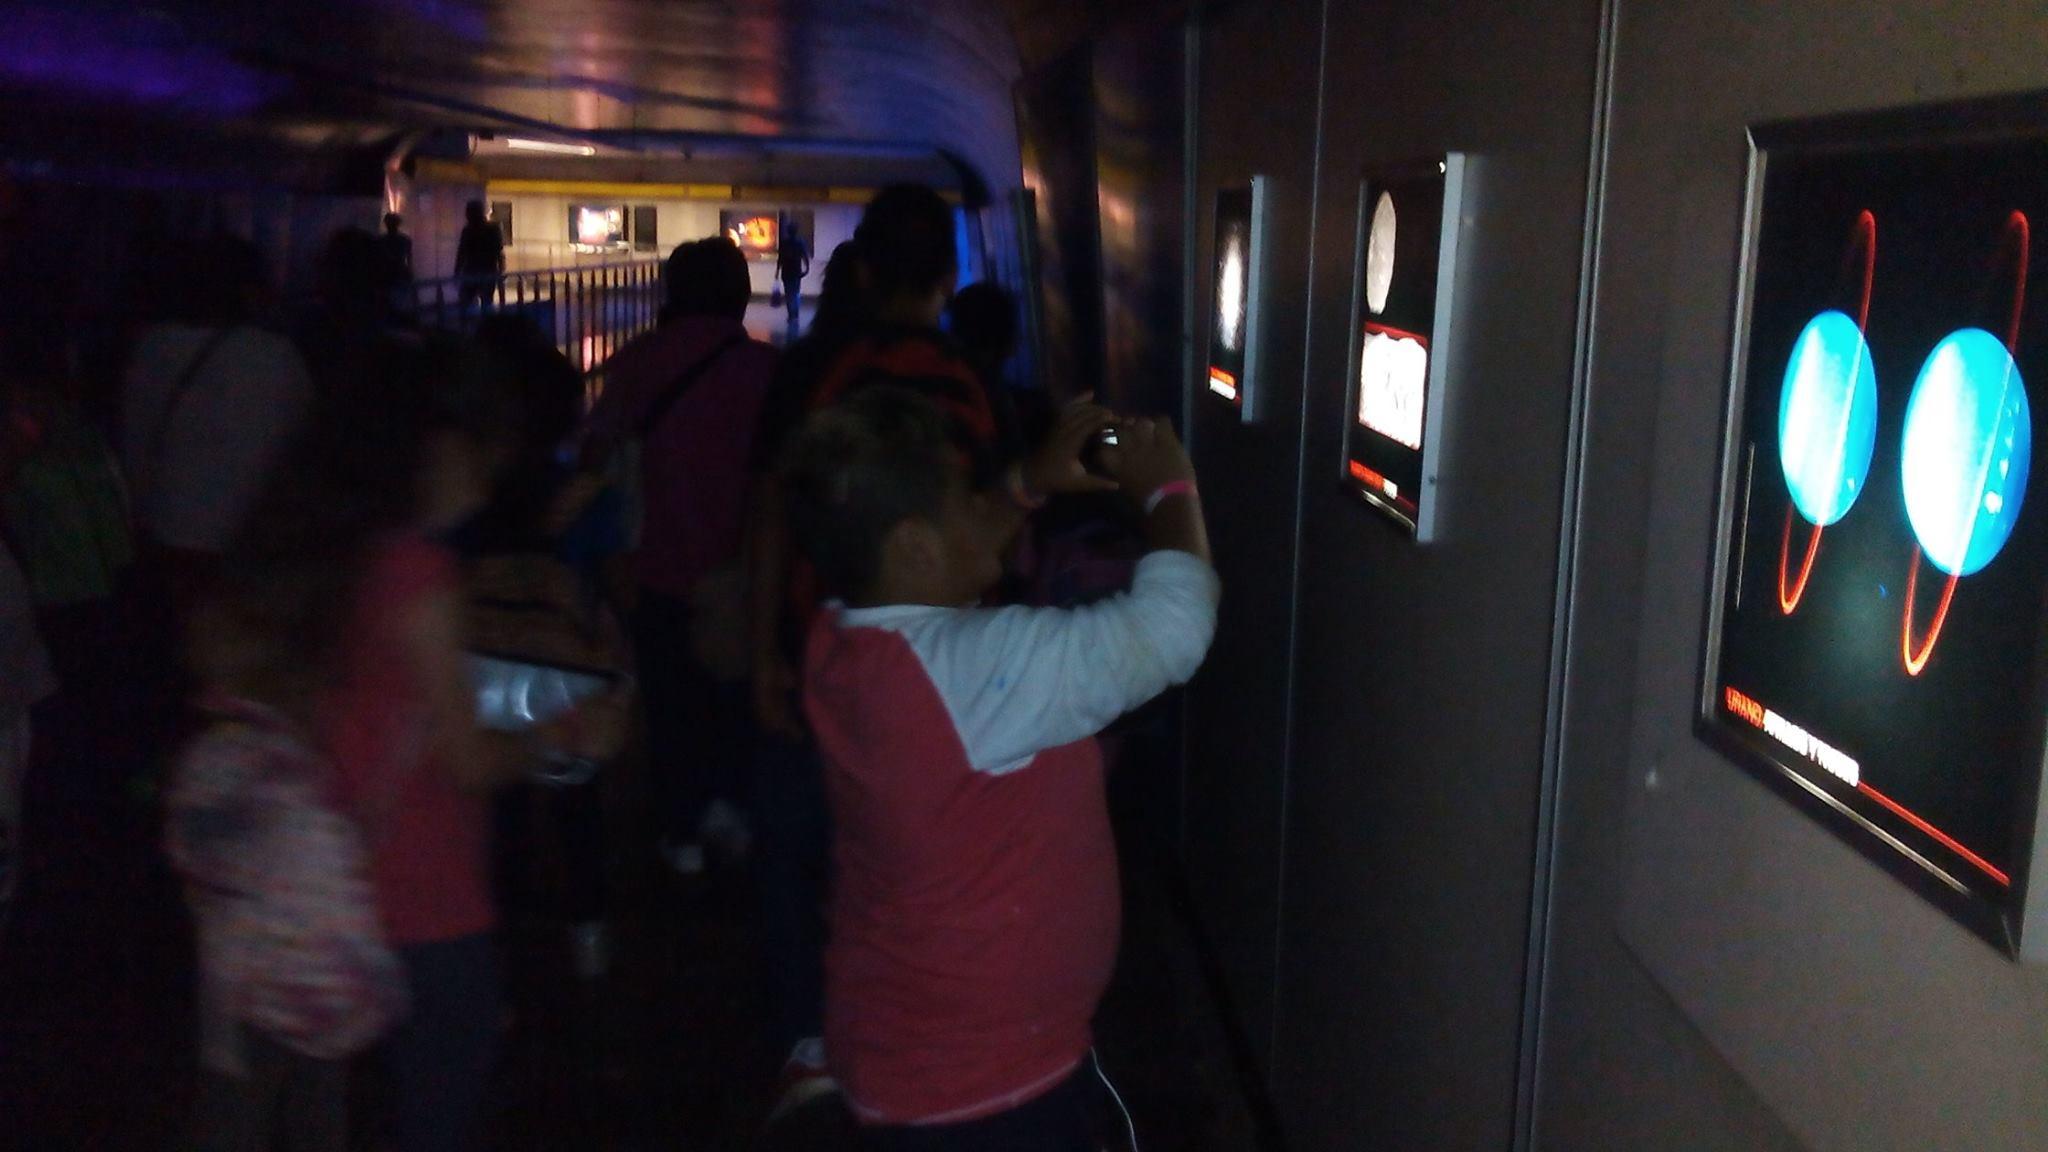 Tunel_de_la_ciencia,_estación_del_metro_La_Raza_2